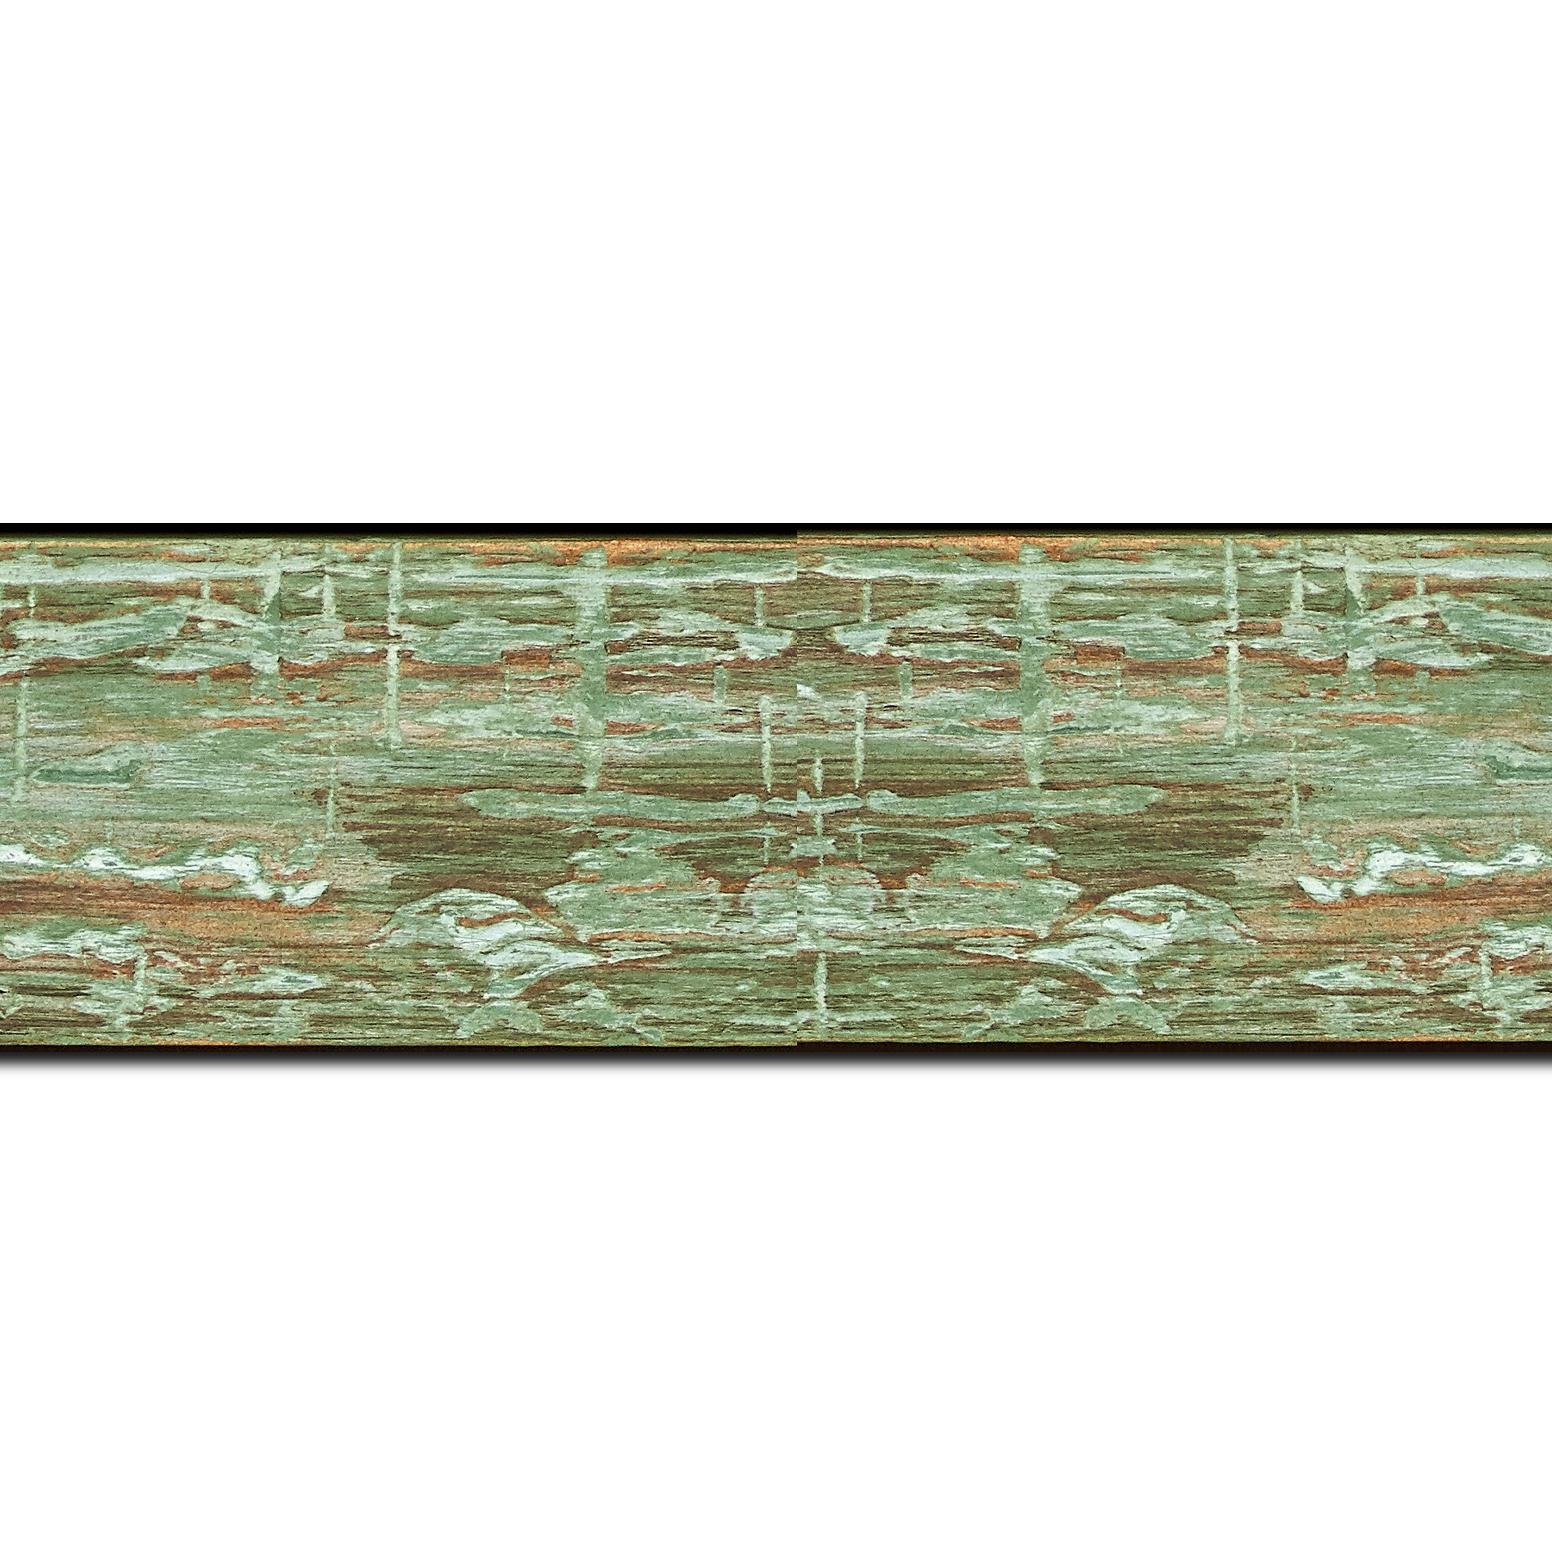 Pack par 12m, bois profil plat largeur 5cm couleur vert finition bois brut aspect palette (longueur baguette pouvant varier entre 2.40m et 3m selon arrivage des bois)